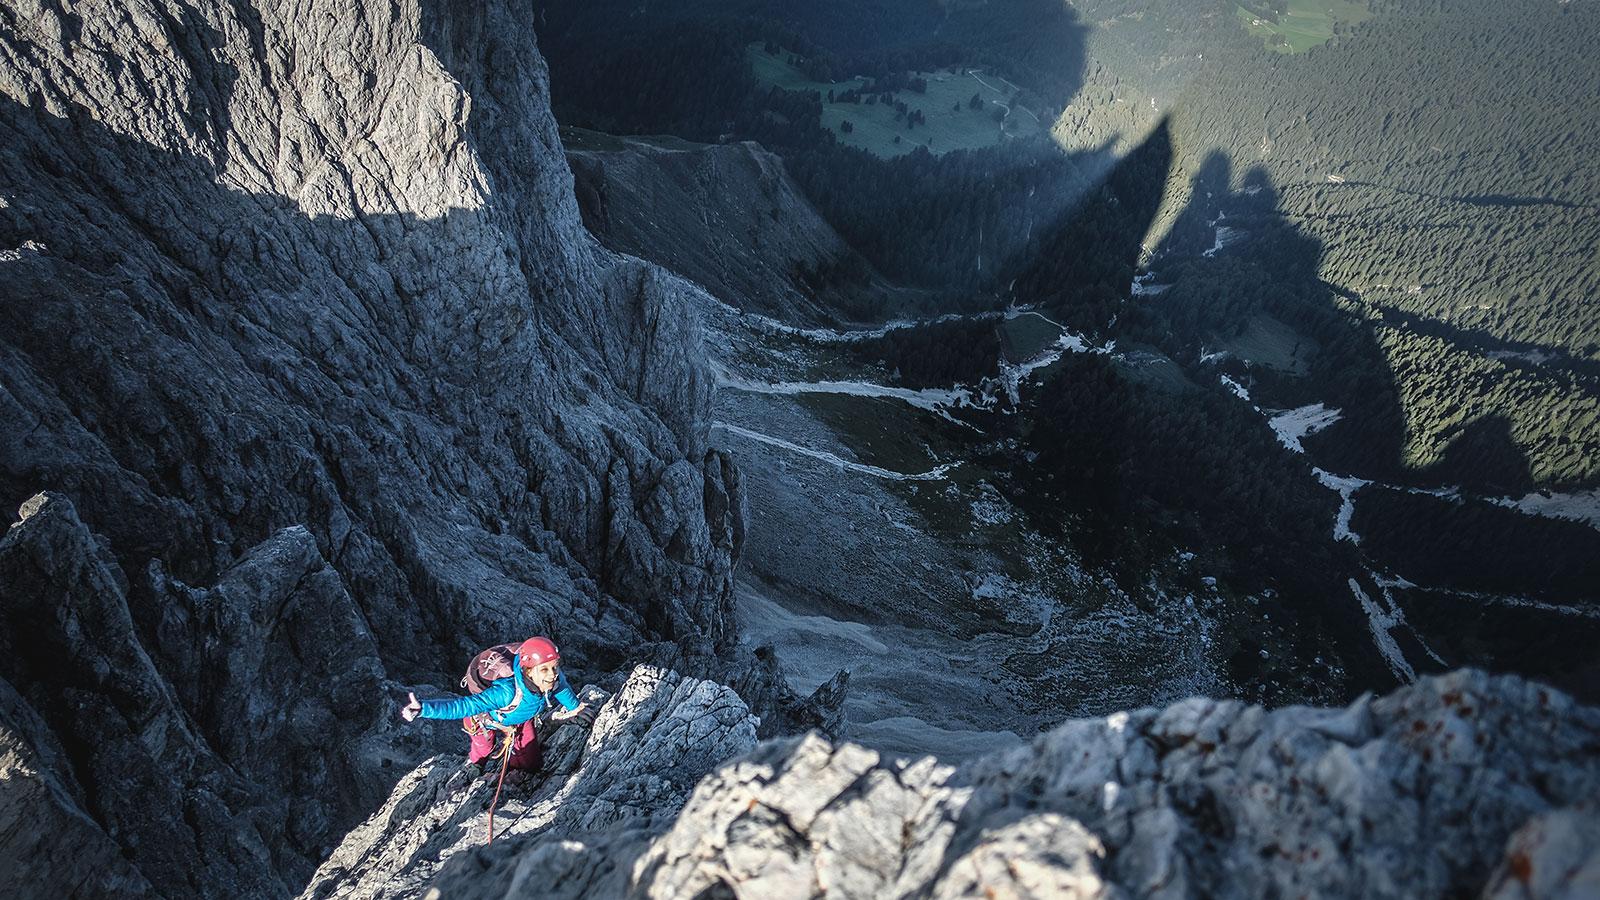 Glücklich. Delago, Dolomiten | Pauli Trenkwalder, Berge & Psychologie